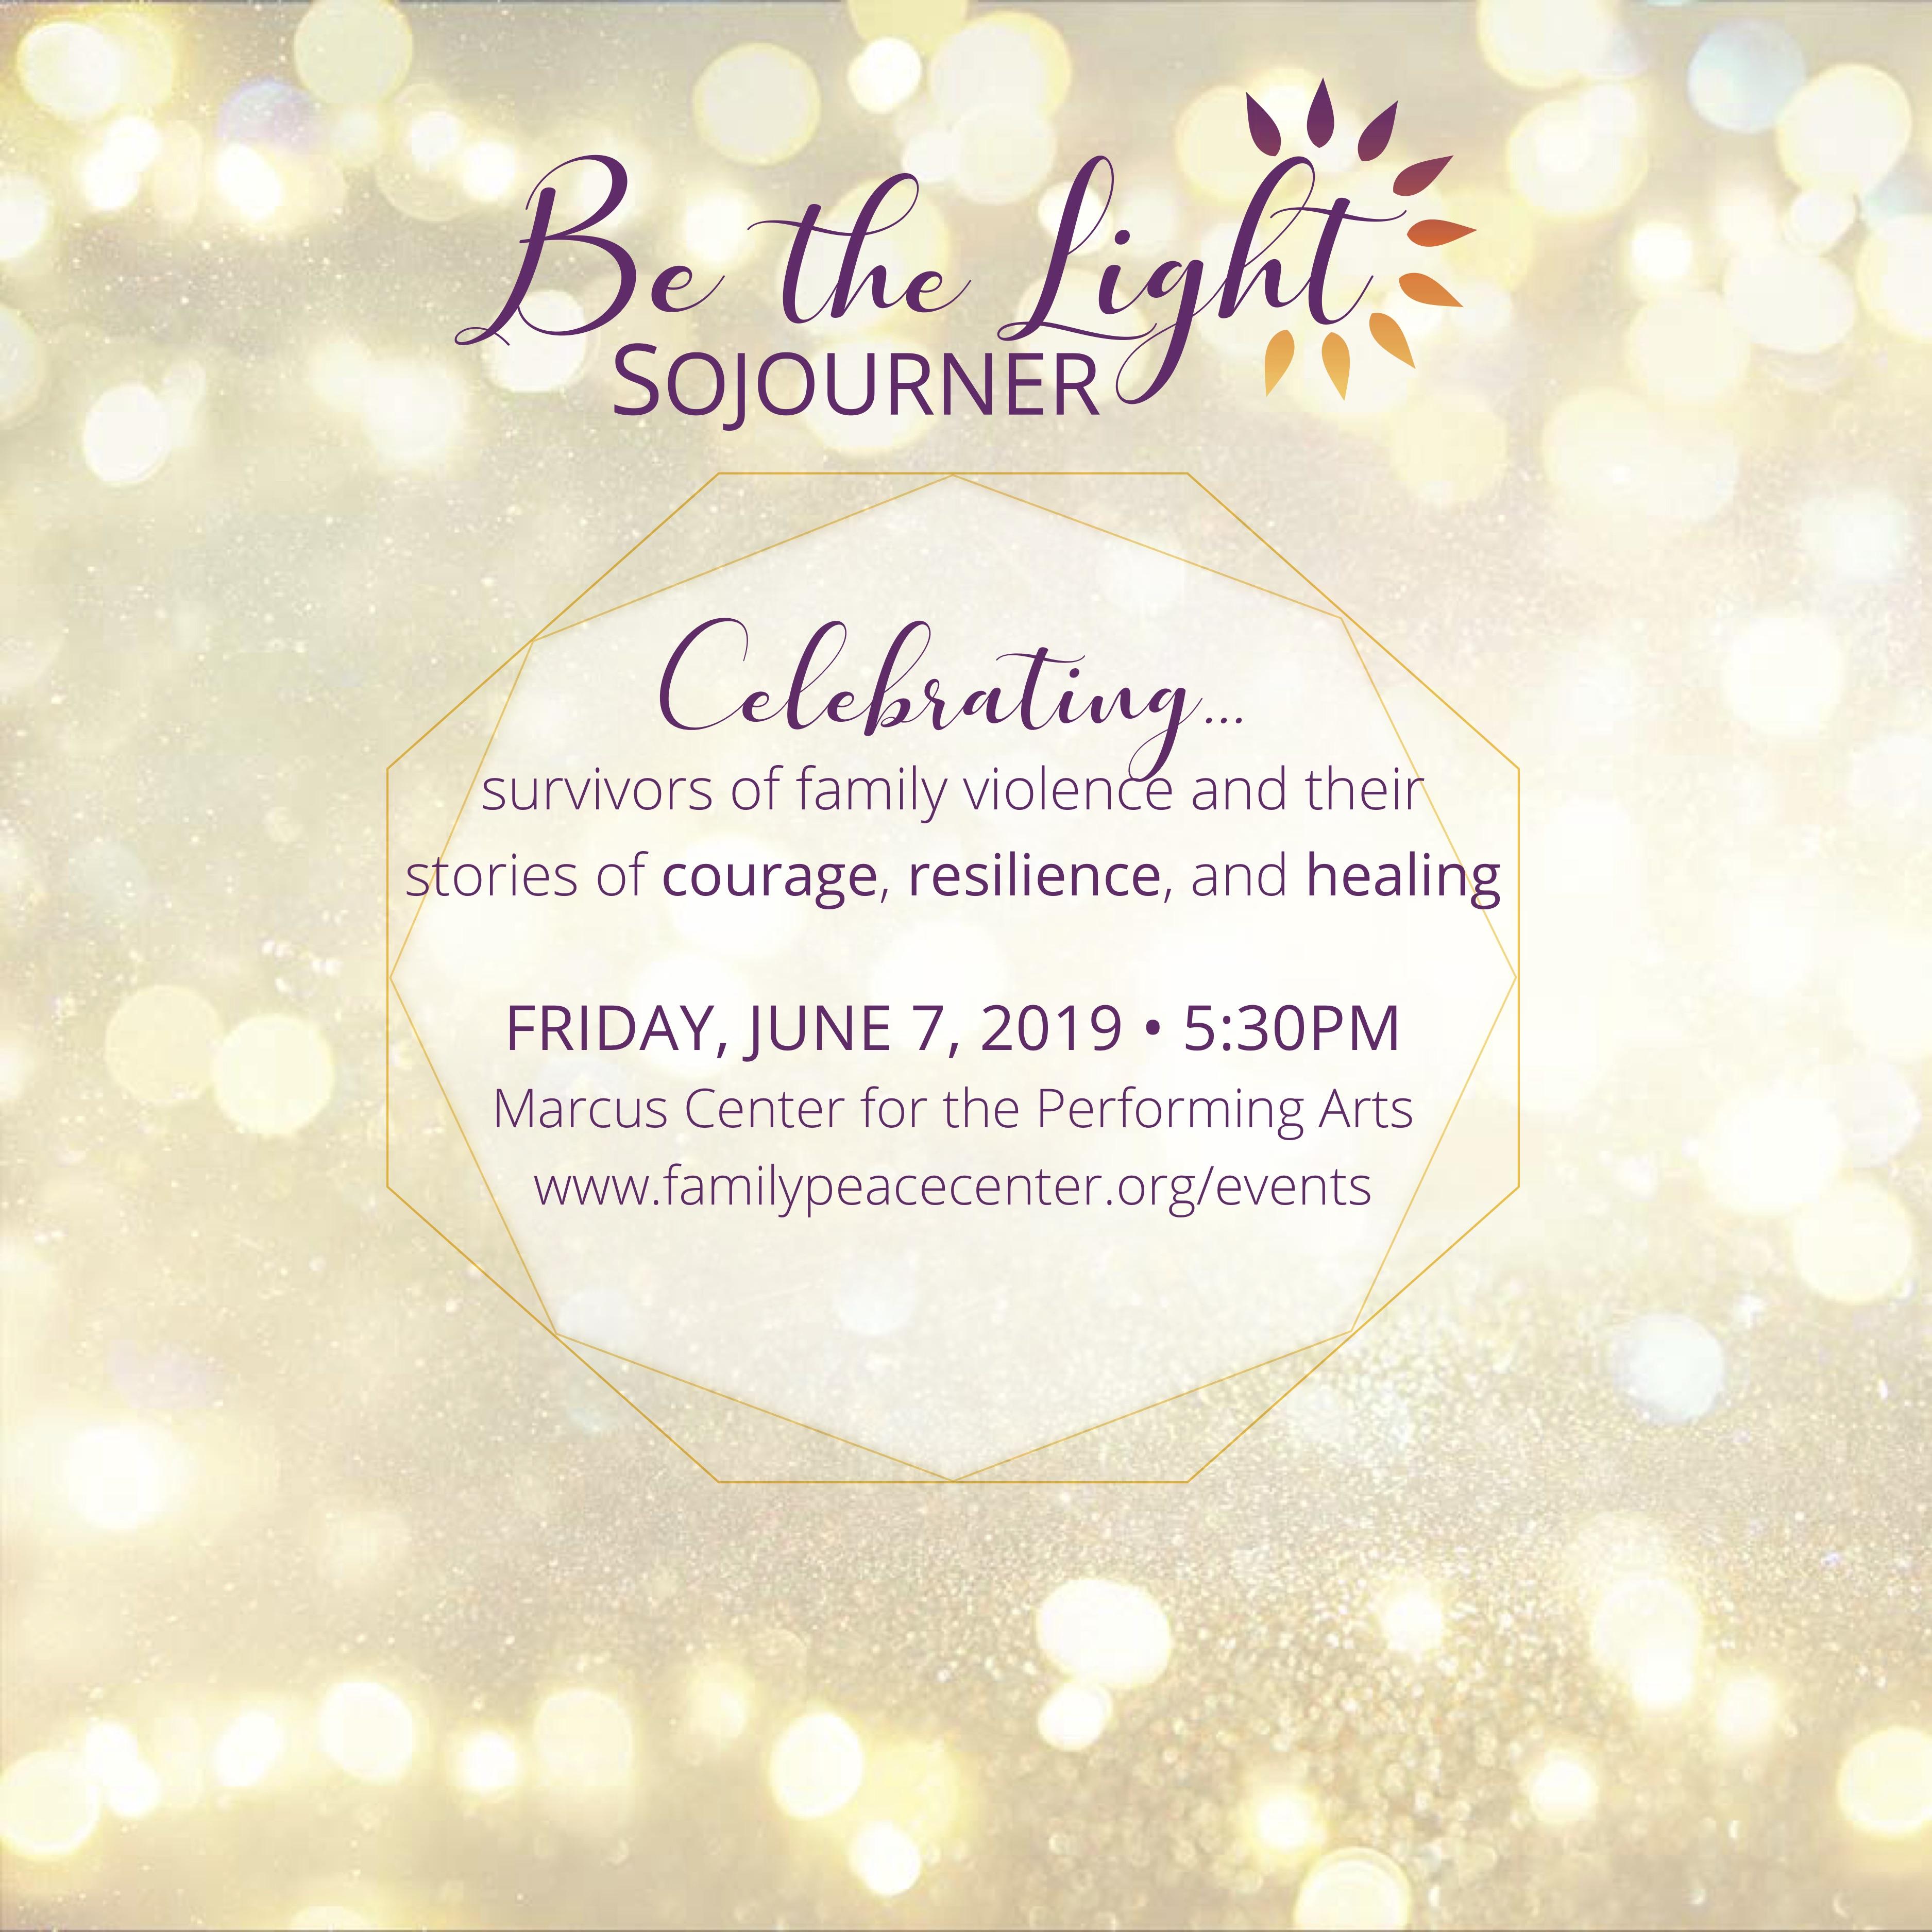 Sojourner Family Peace Center - Be the Light Fundraiser | 88Nine